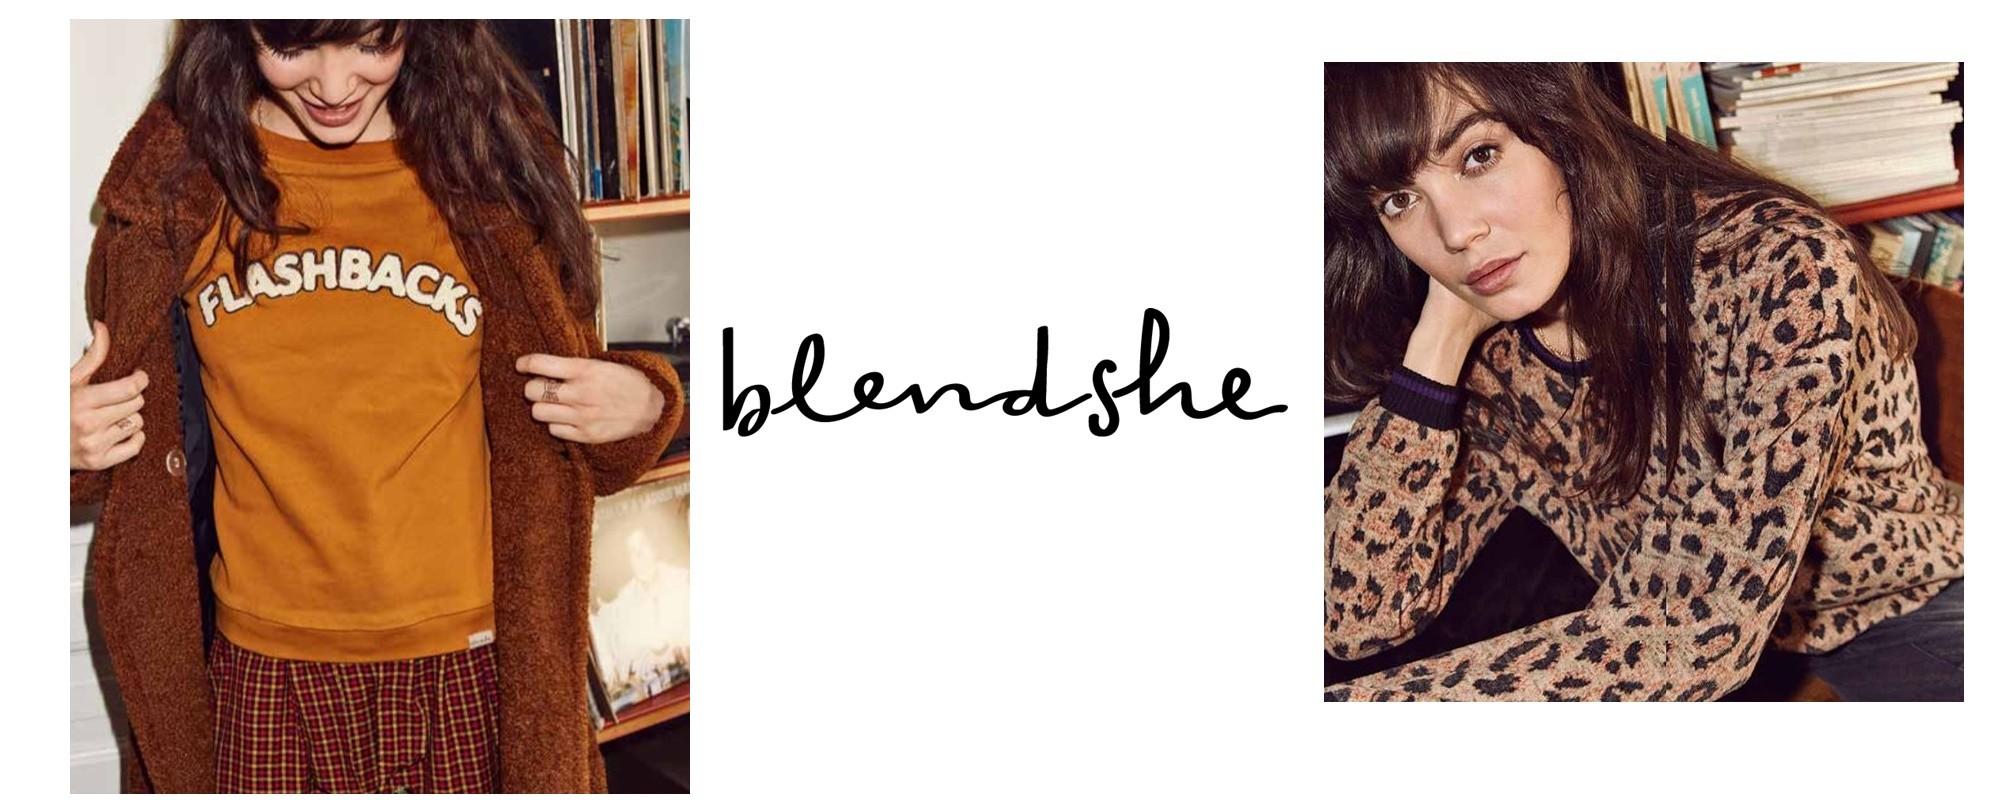 BLENDSHE